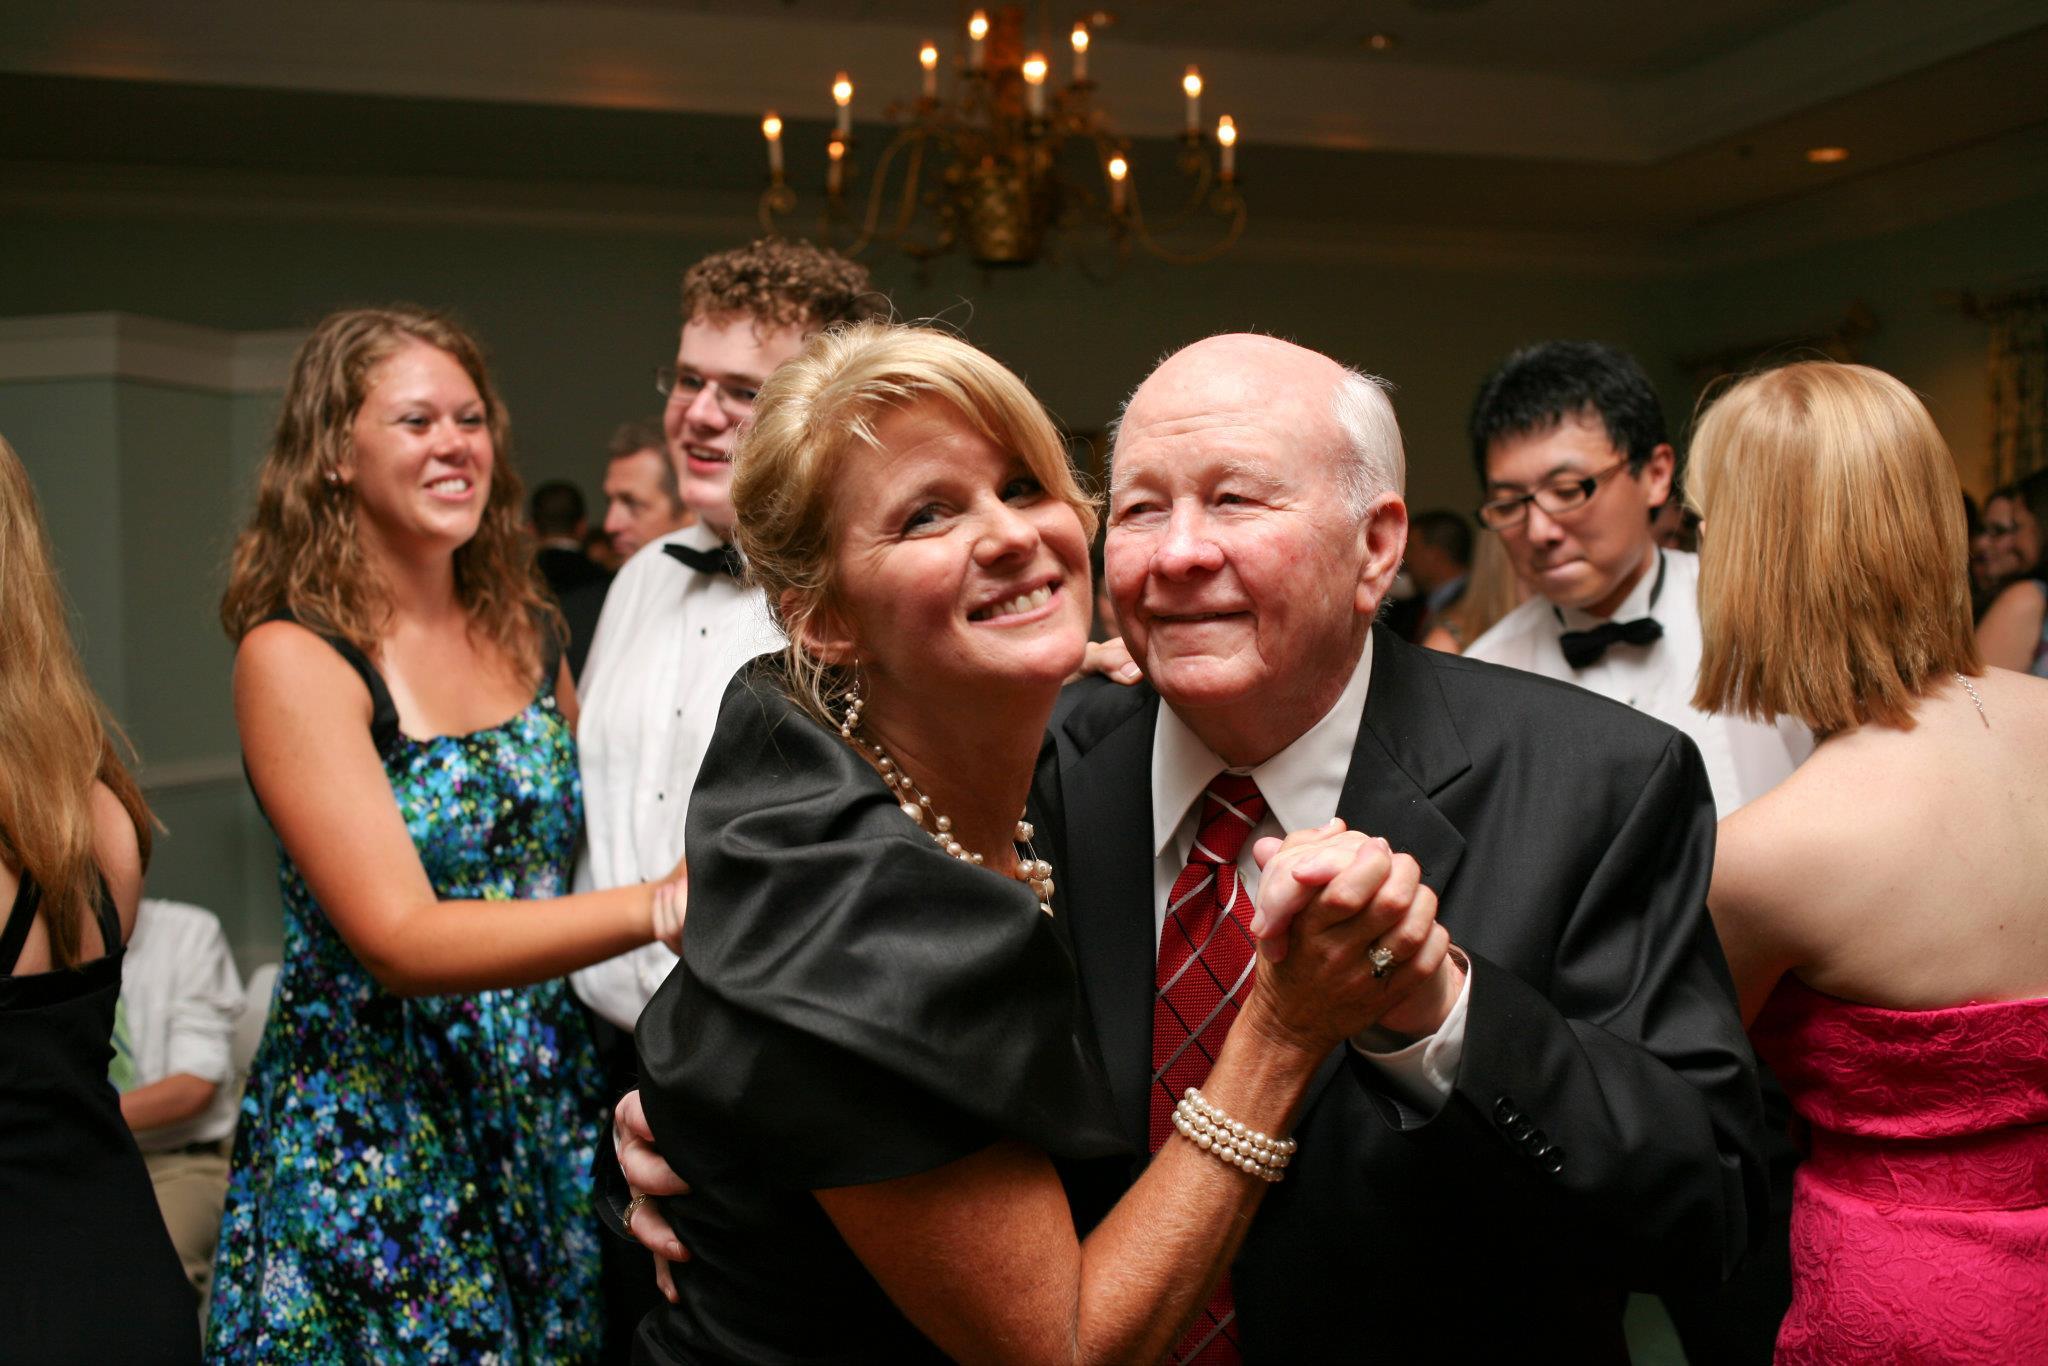 Papa and me dancing.jpg